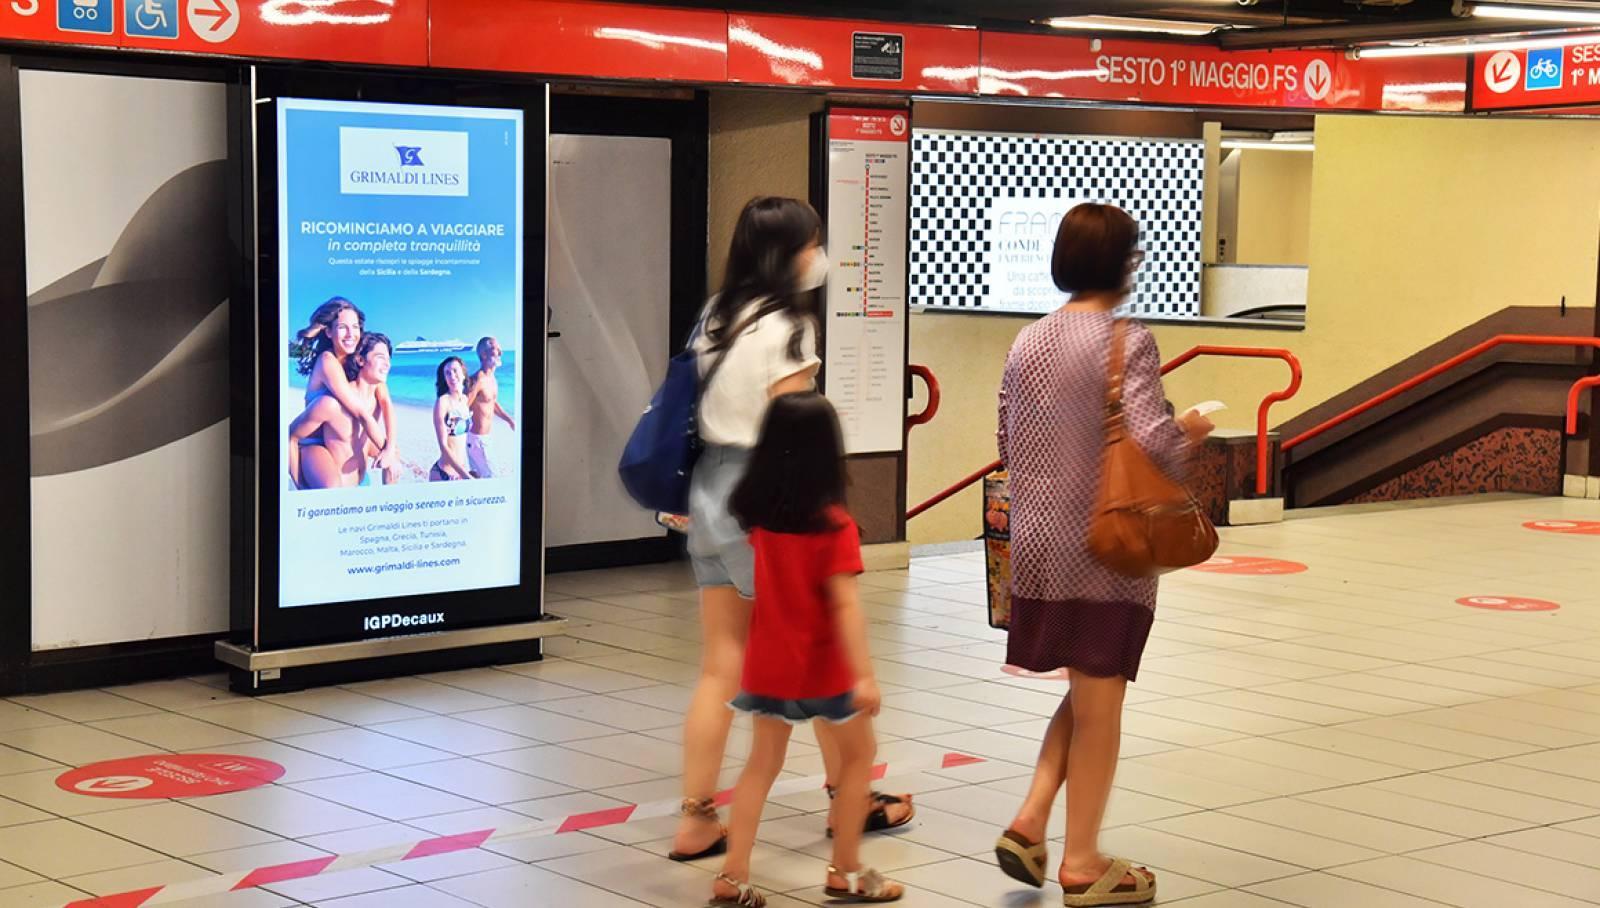 IGPDecaux pubblicità in metropolitana a Milano Campagna OOH per Grimaldi Lines